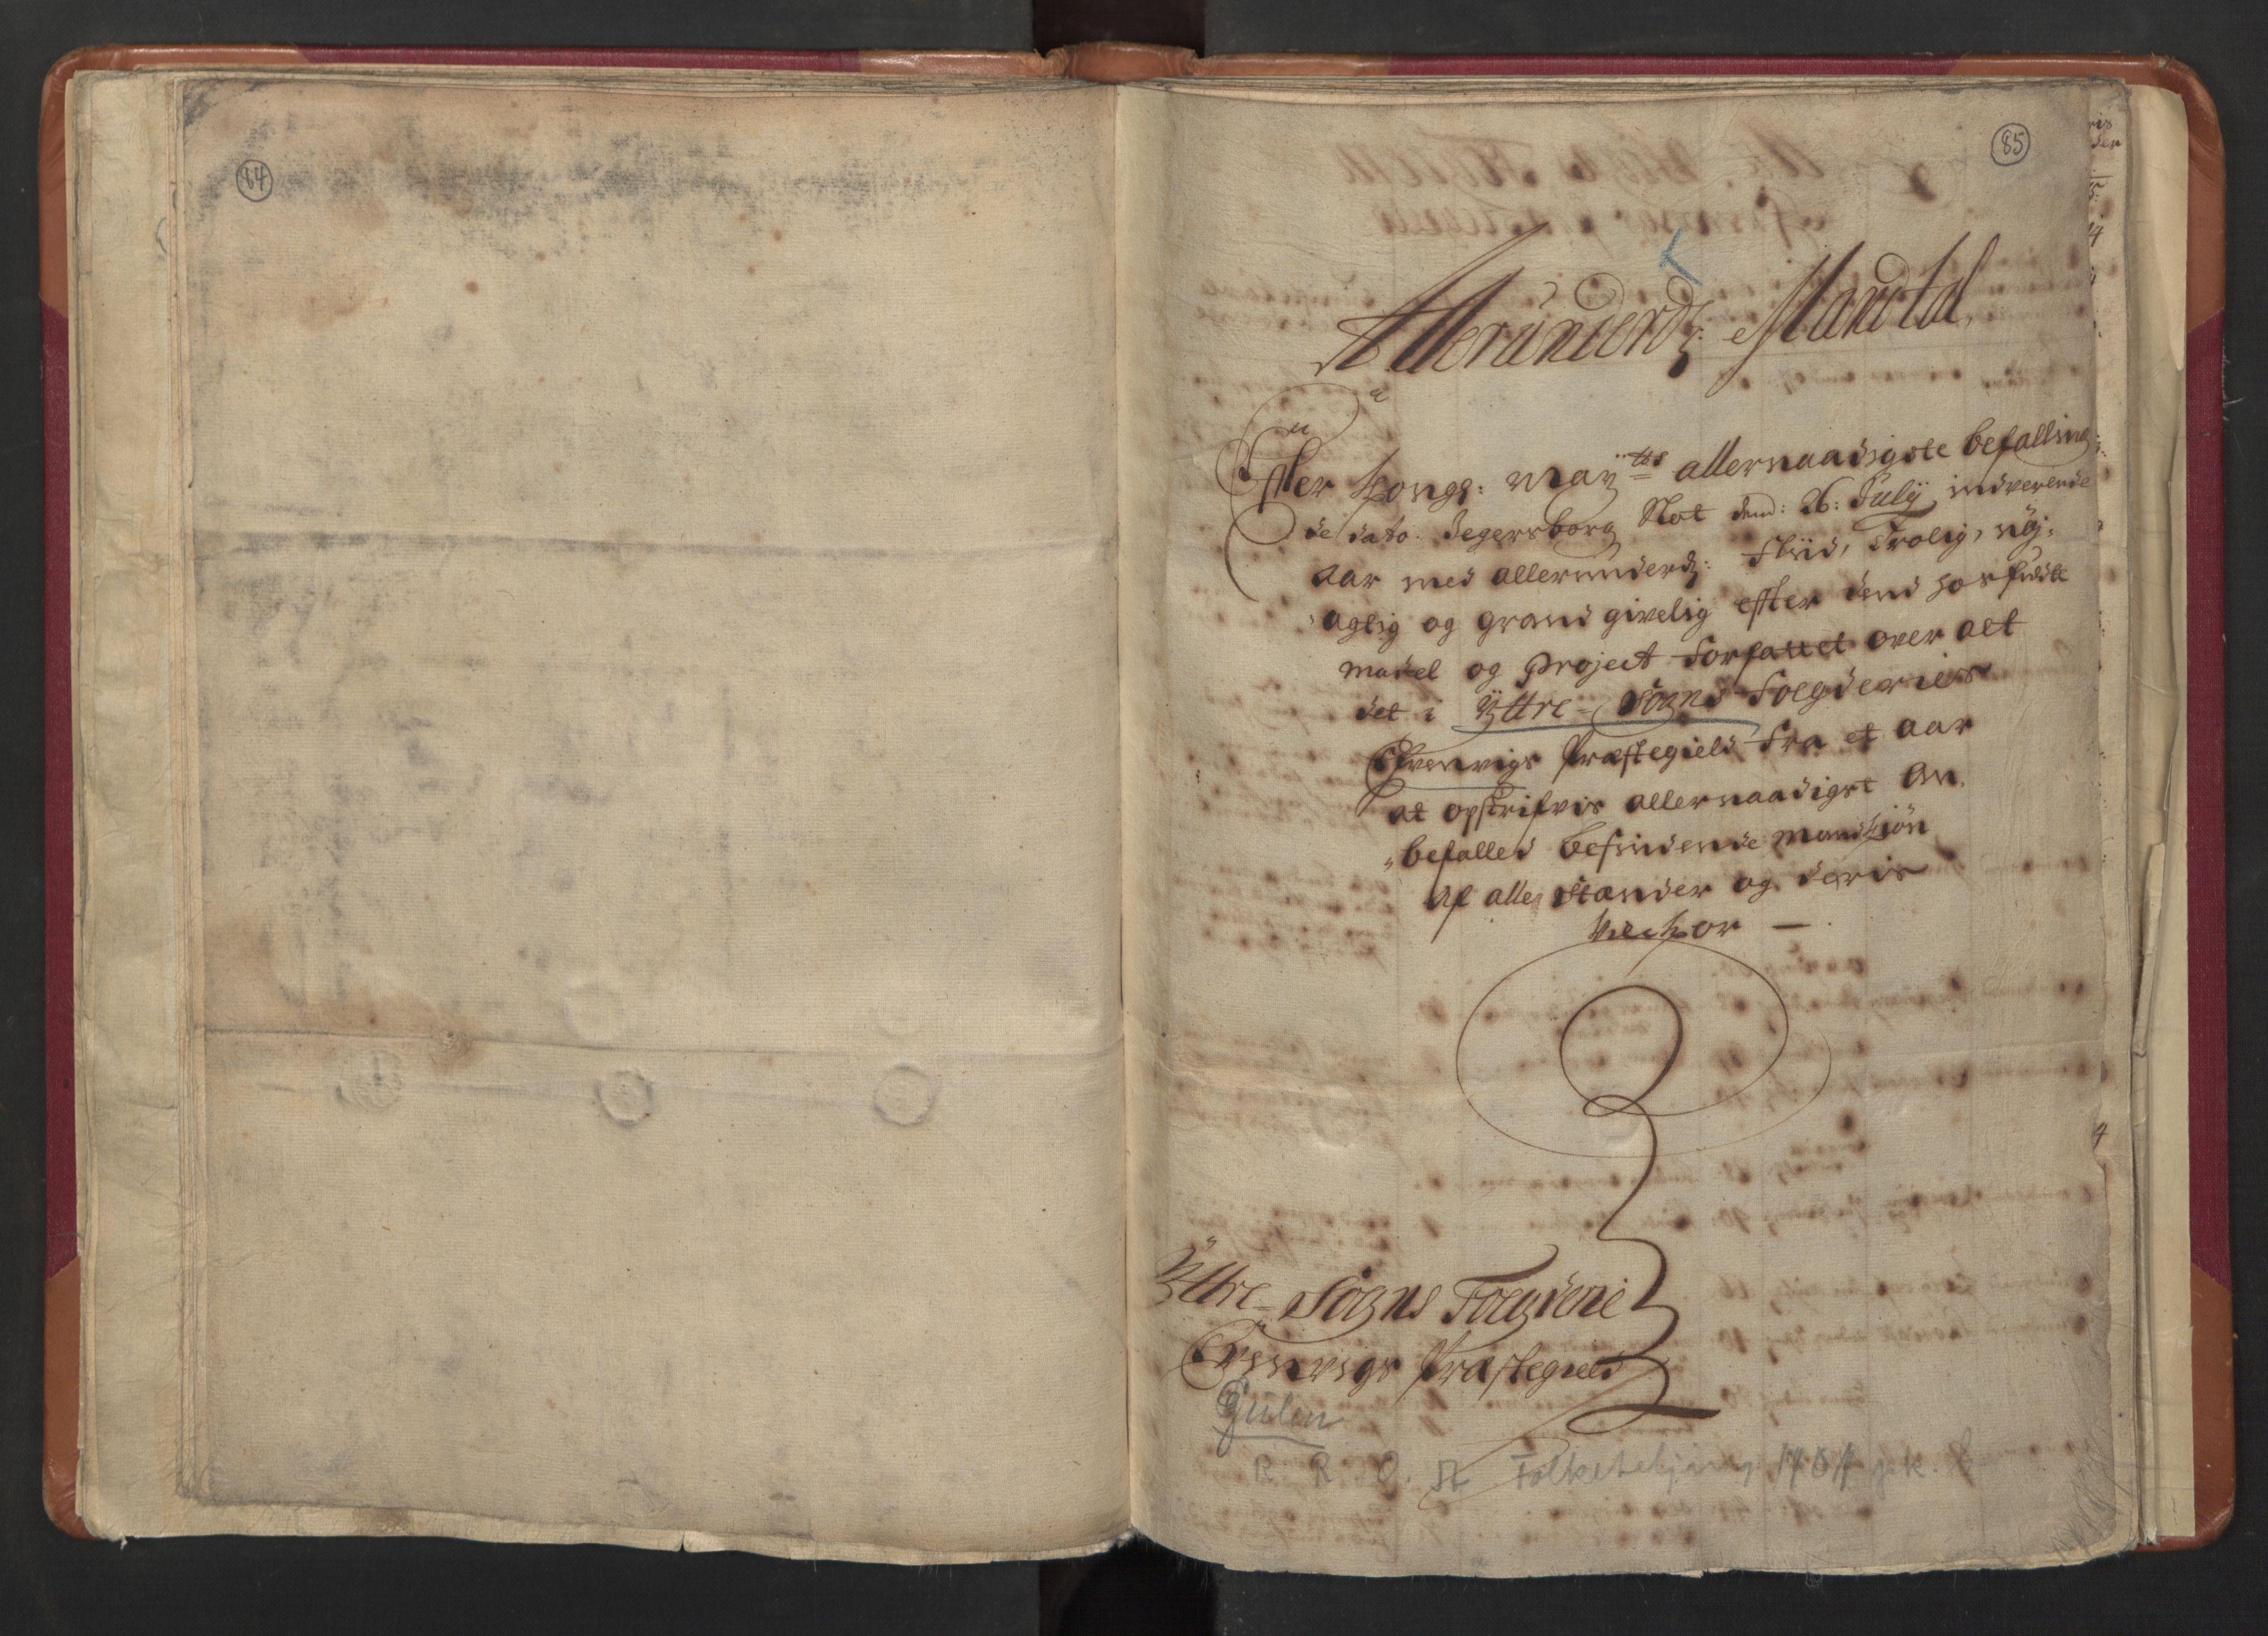 RA, Manntallet 1701, nr. 8: Ytre Sogn fogderi og Indre Sogn fogderi, 1701, s. 84-85